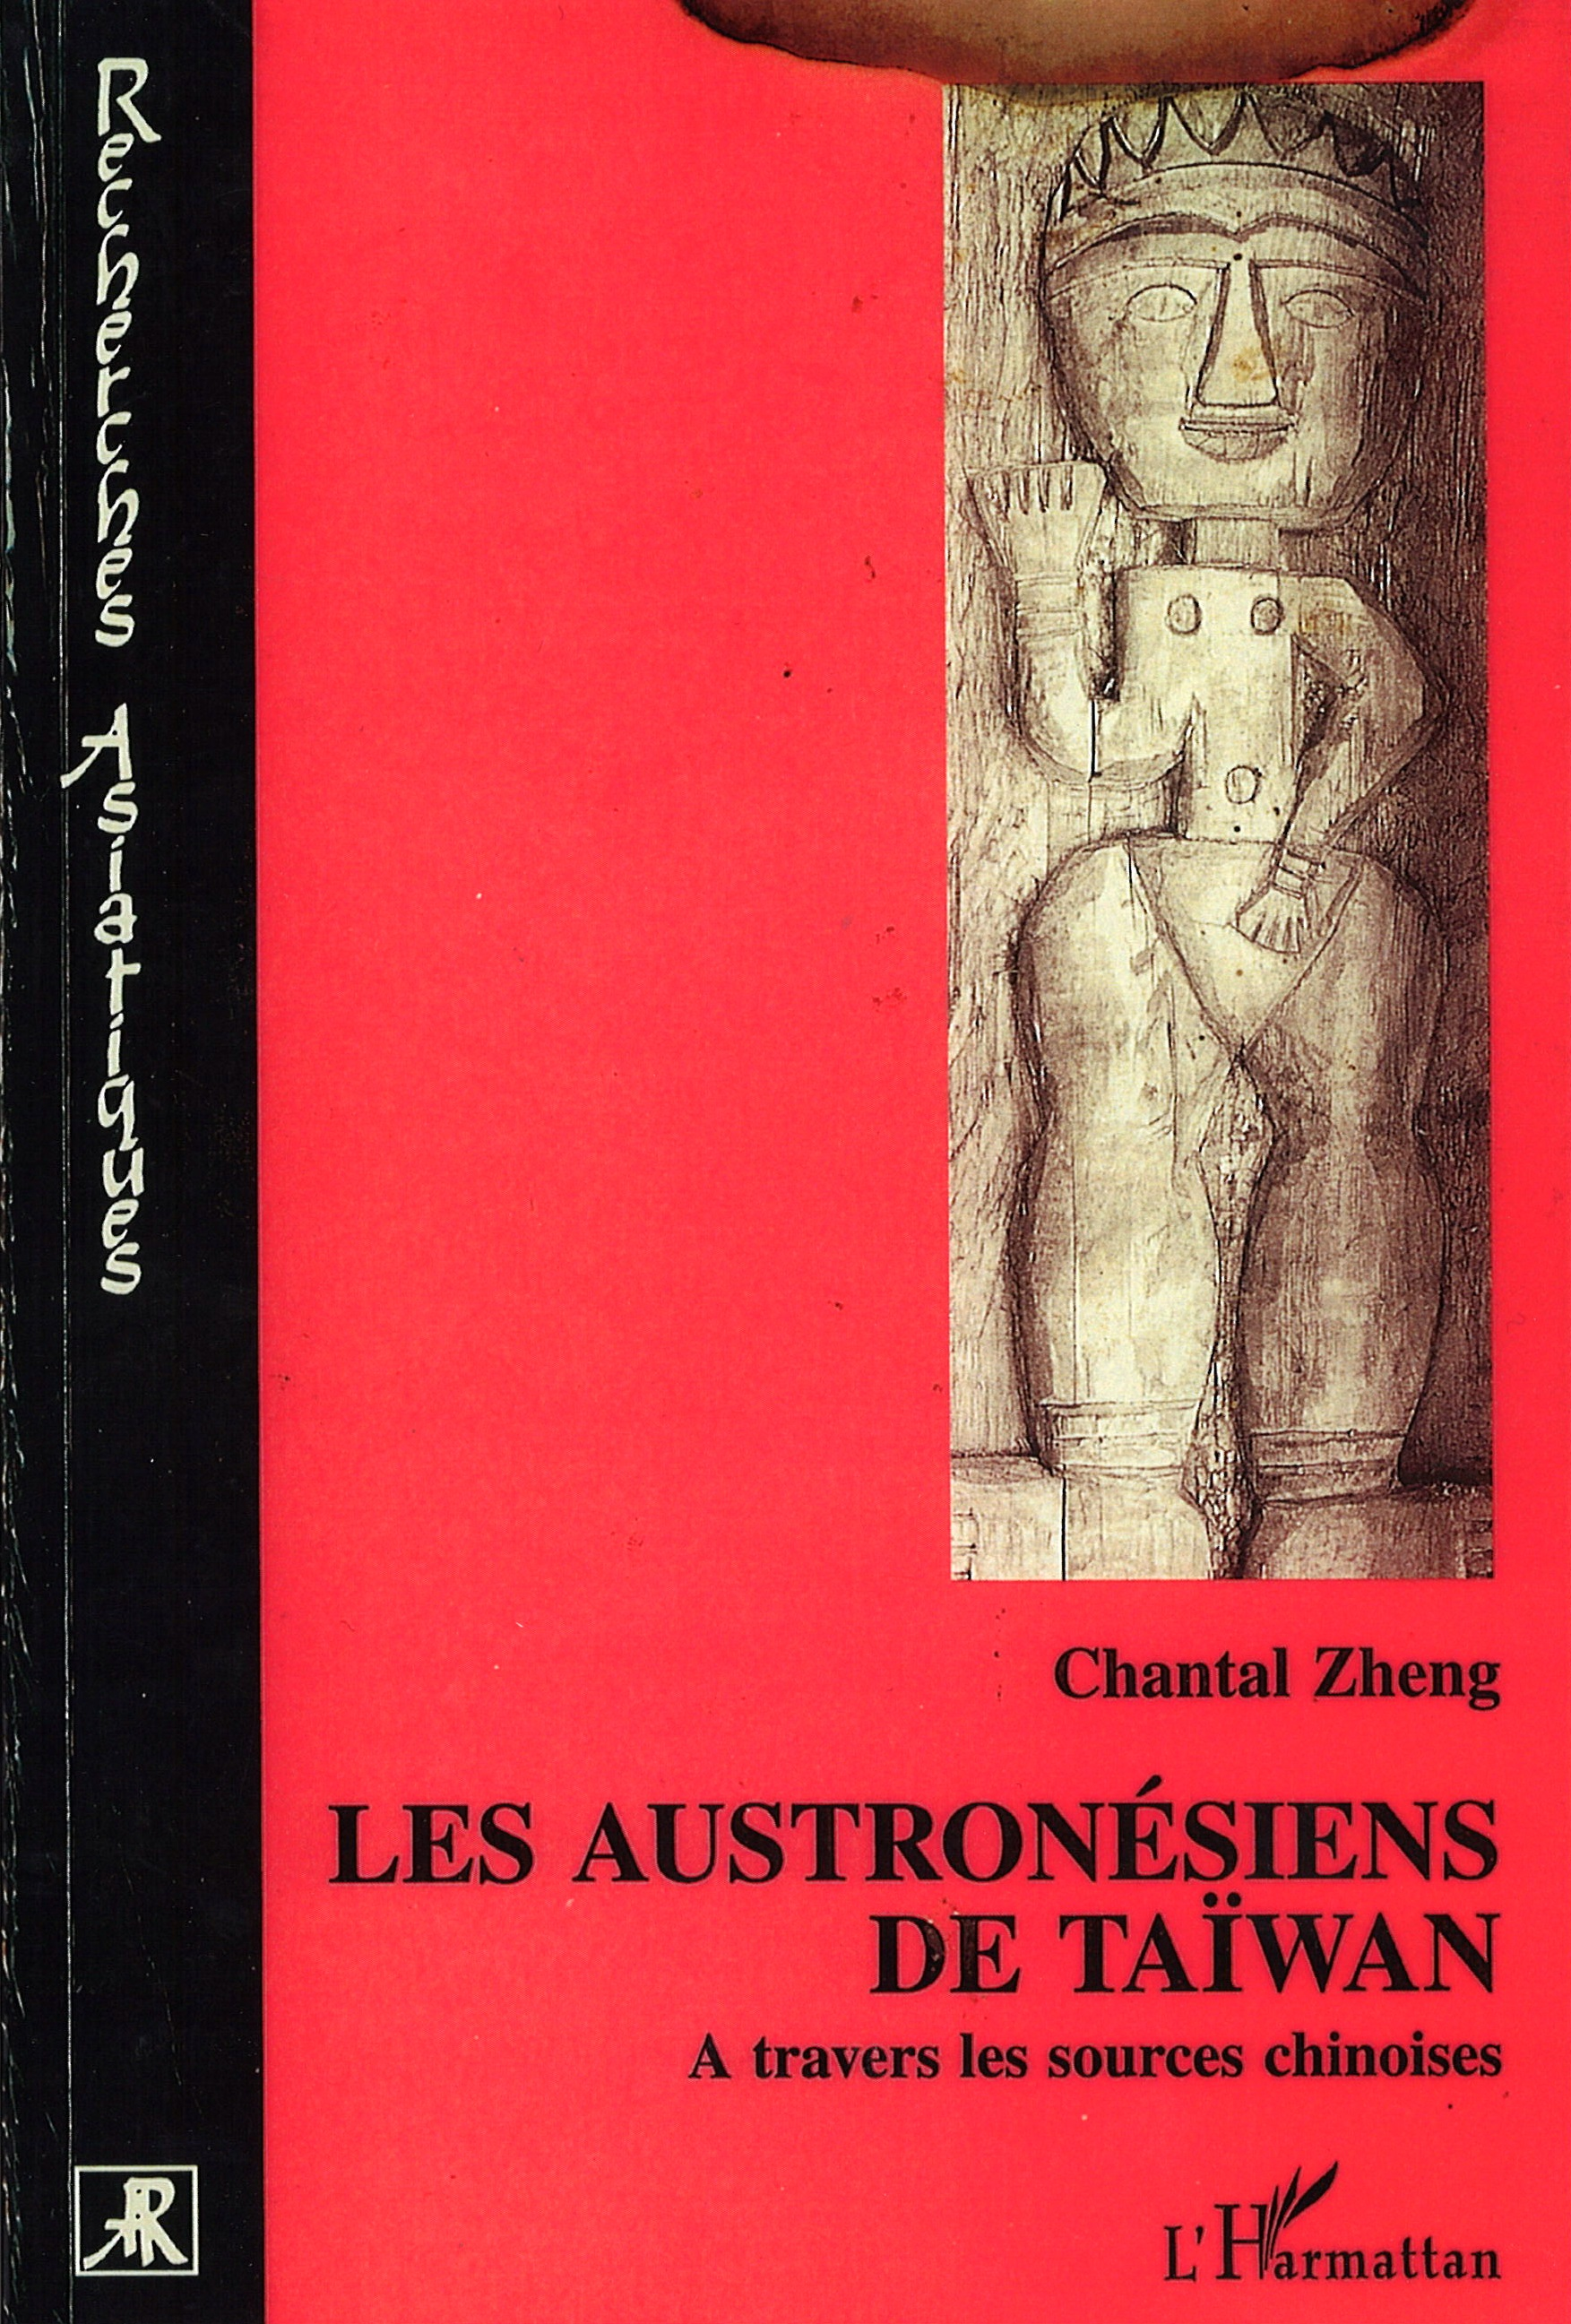 Les austronésiens